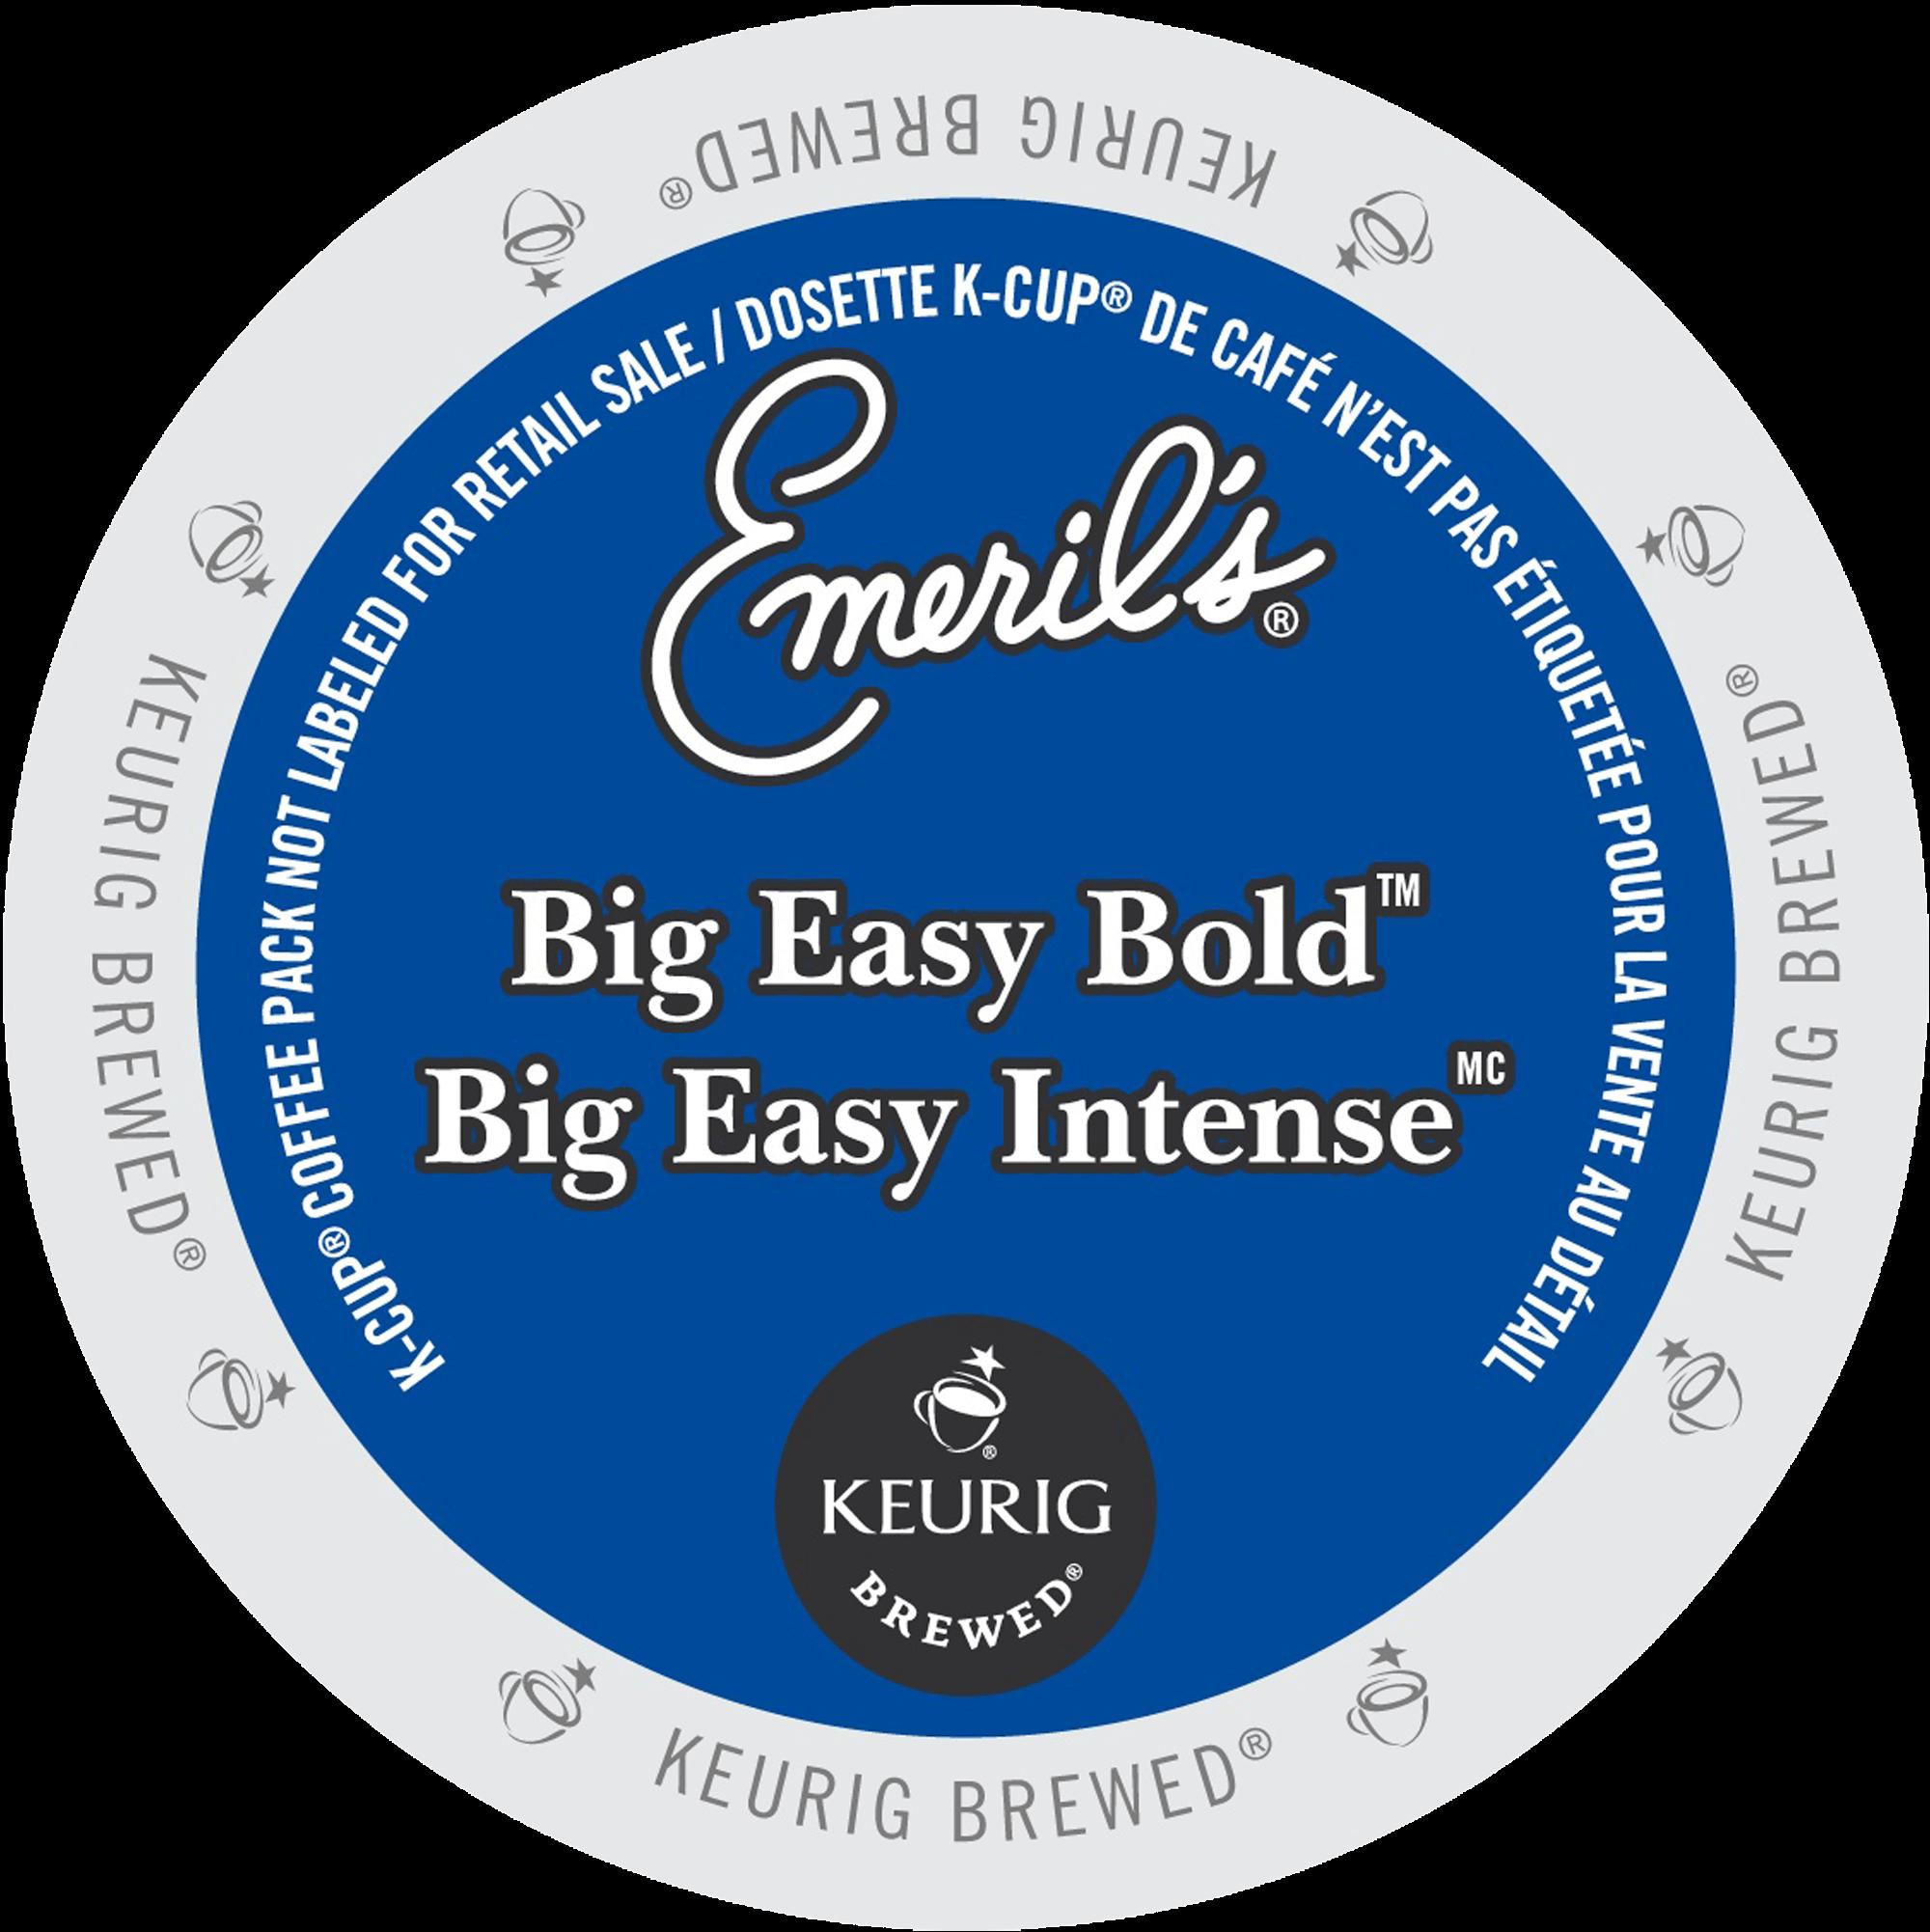 big-easy-bold-coffee-emerils-k-cup_ca_general